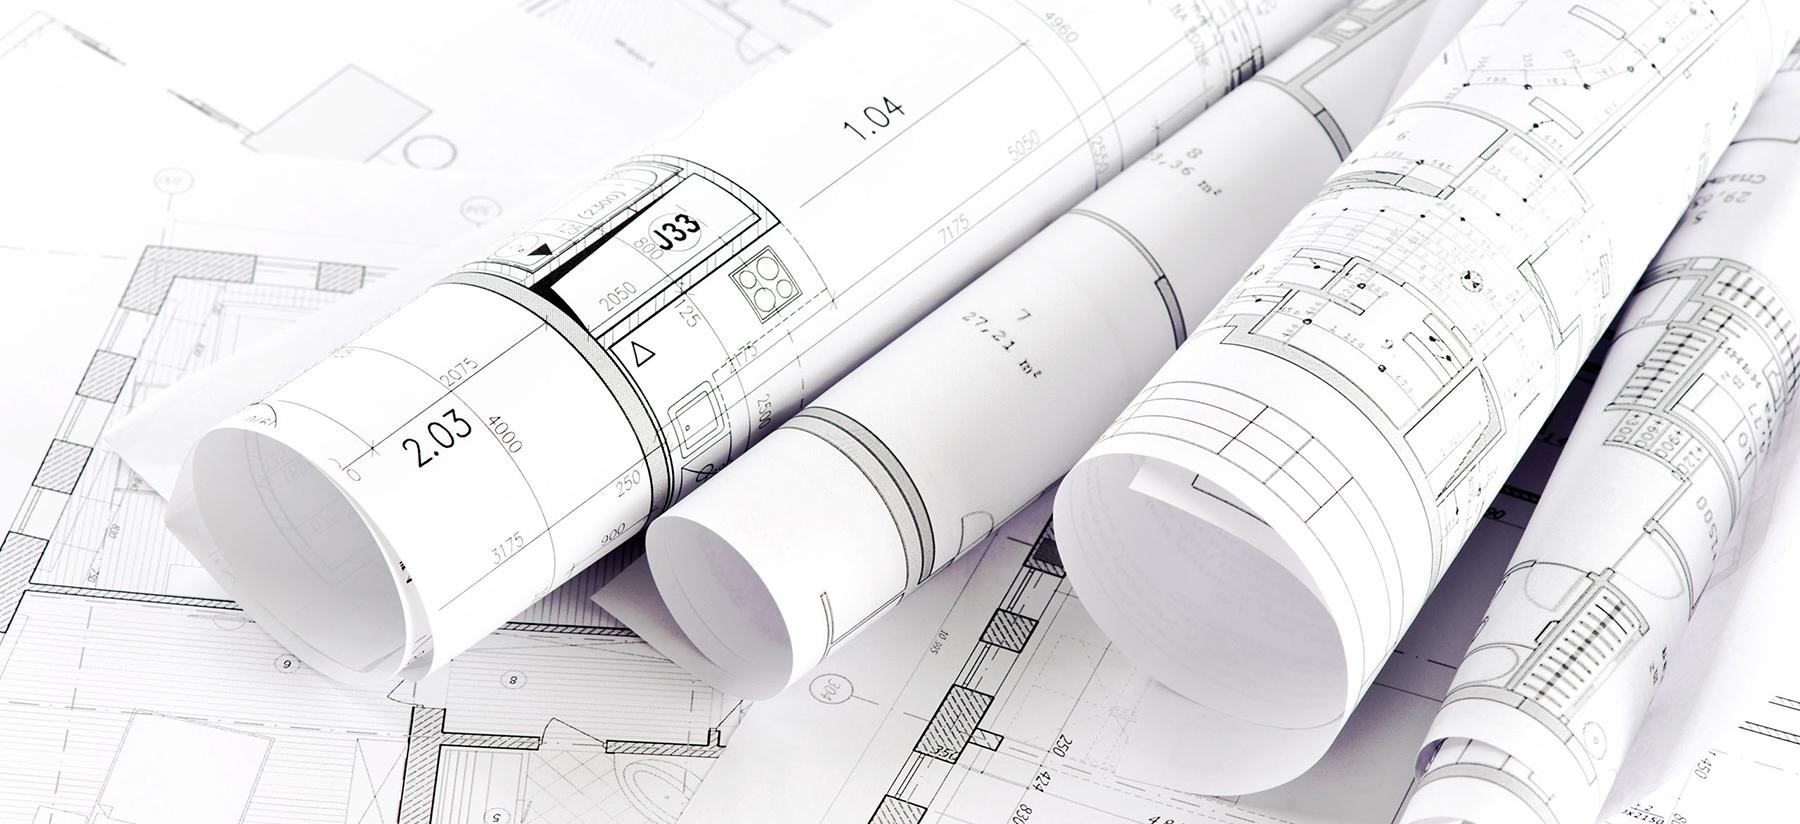 Progettazione civile ed industriale studio cta scafati di for Piccoli piani di progettazione in studio